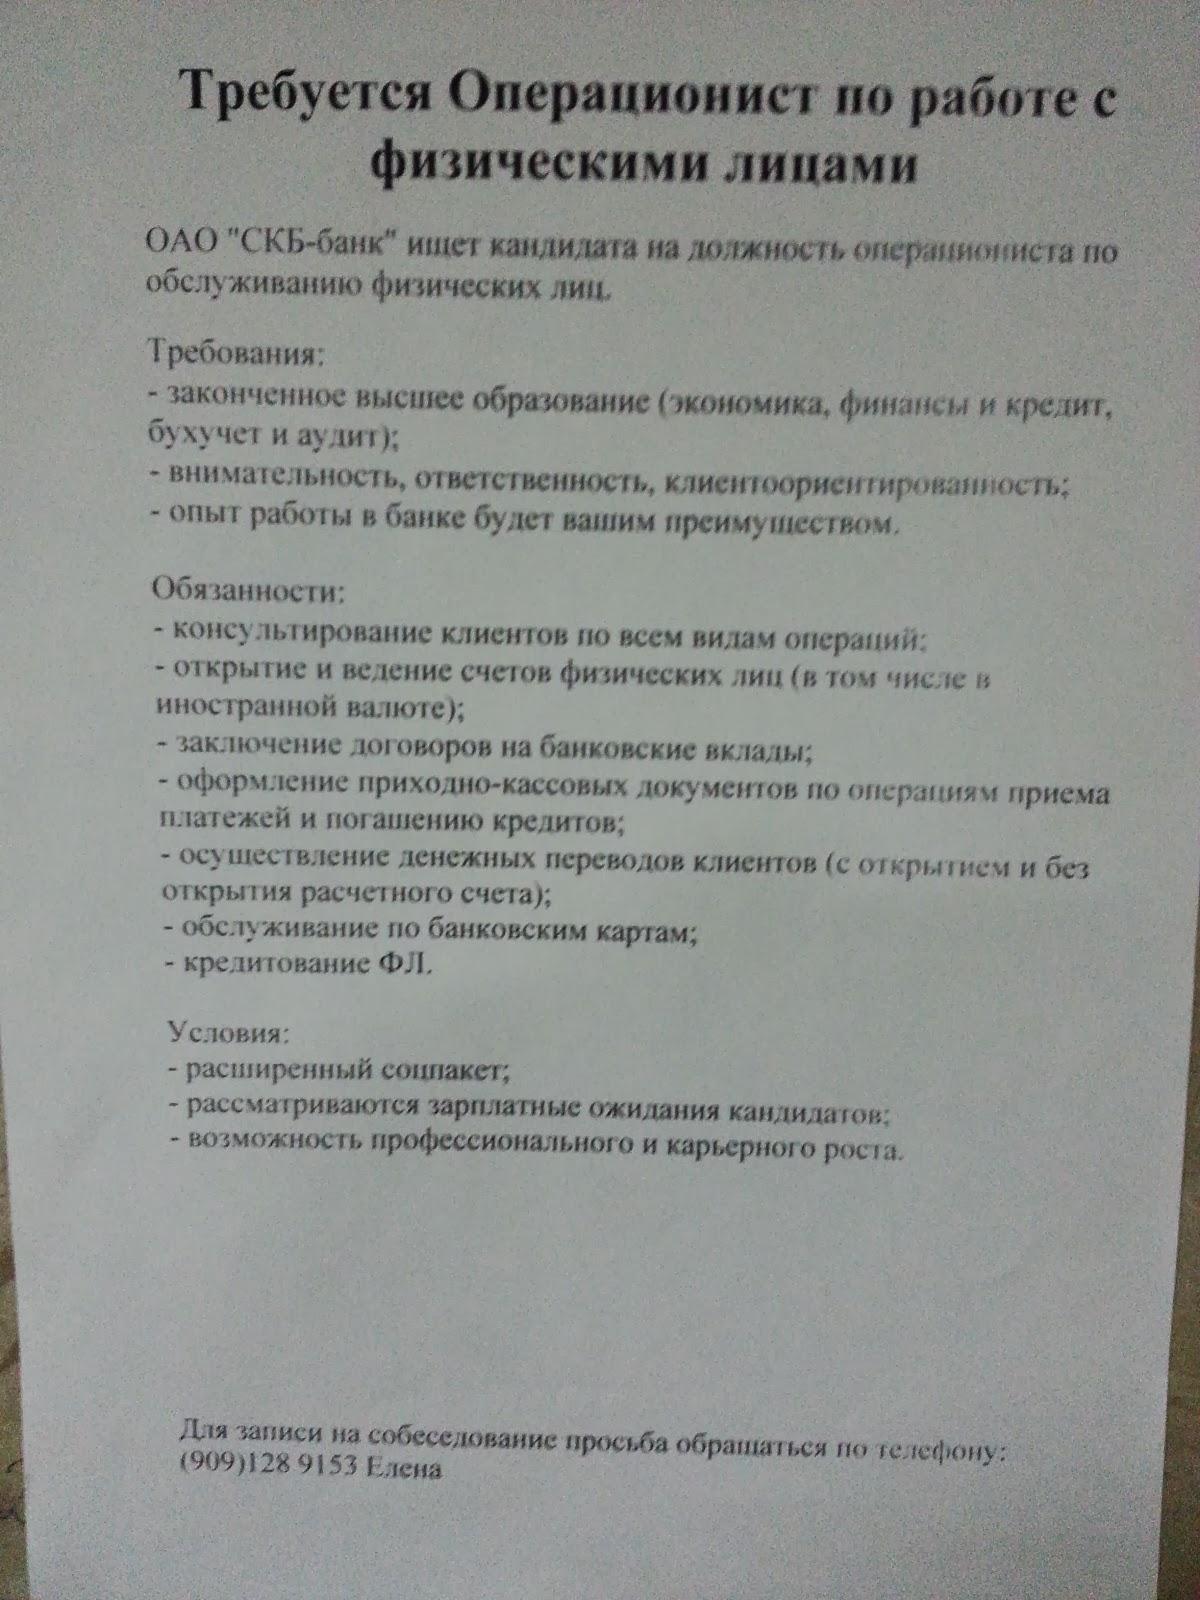 Эффективное управление с Алексеем Покровским НУЖЕН МНЕ РАБОТНИК  На написание данного поста меня сподвигло вот это объявление которое я случайно увидел на стене возле отделения СКБ Банка